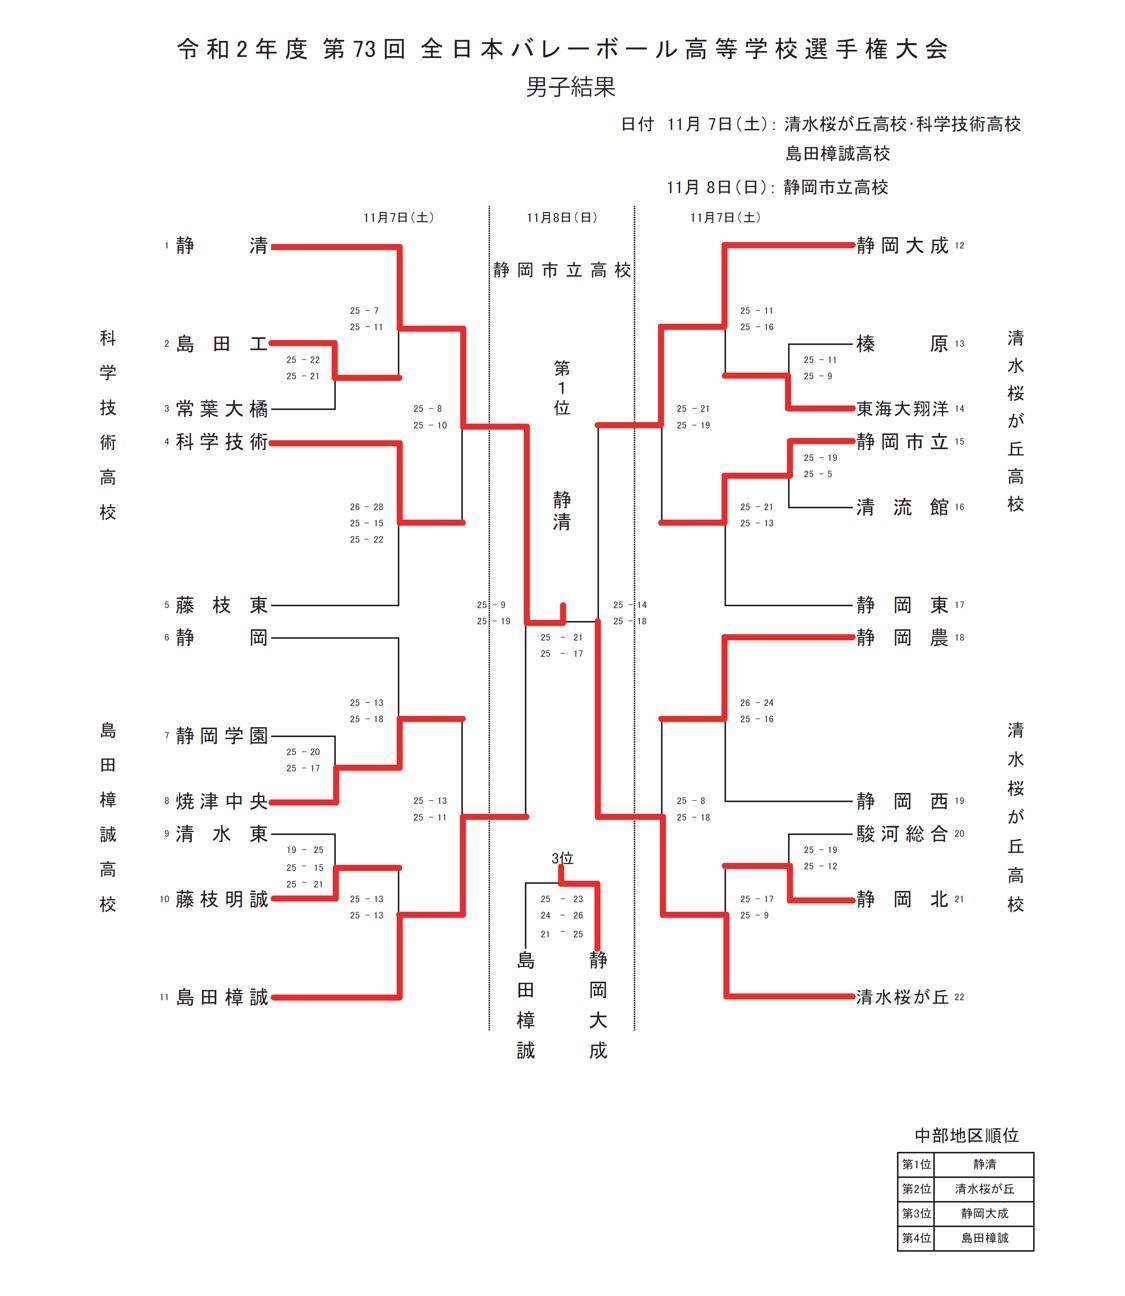 2020年度_全日本高校選手権_静岡予選_中部地区_男子_最終結果